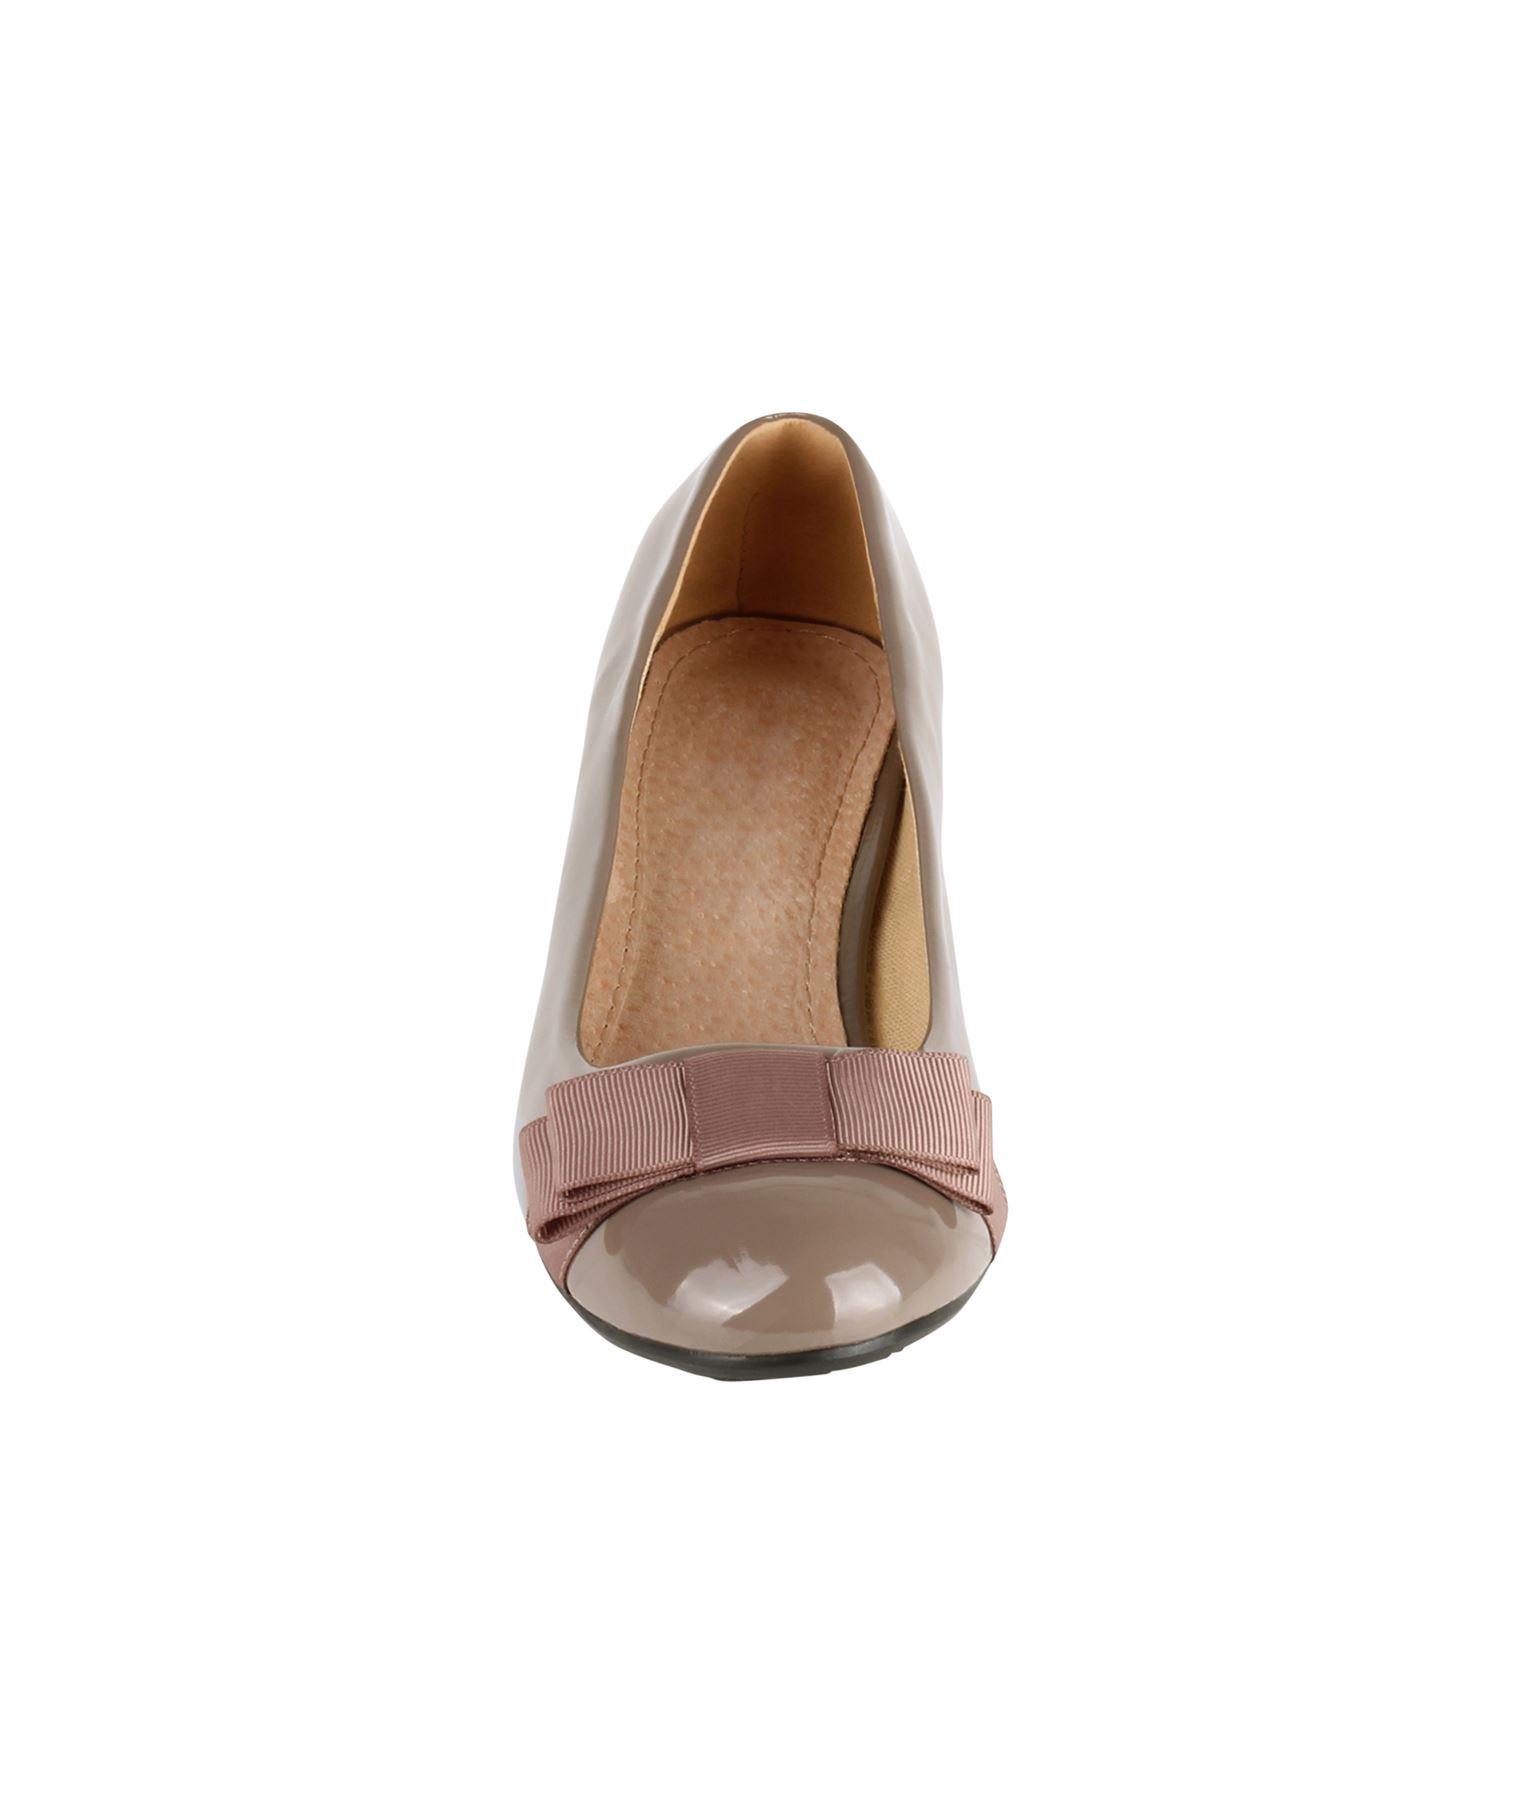 Damen-Elegante-Absatzschuhe-Hochlganz-Pumps-Blockabsatz-Ballerina-Schuhe-Chic Indexbild 14